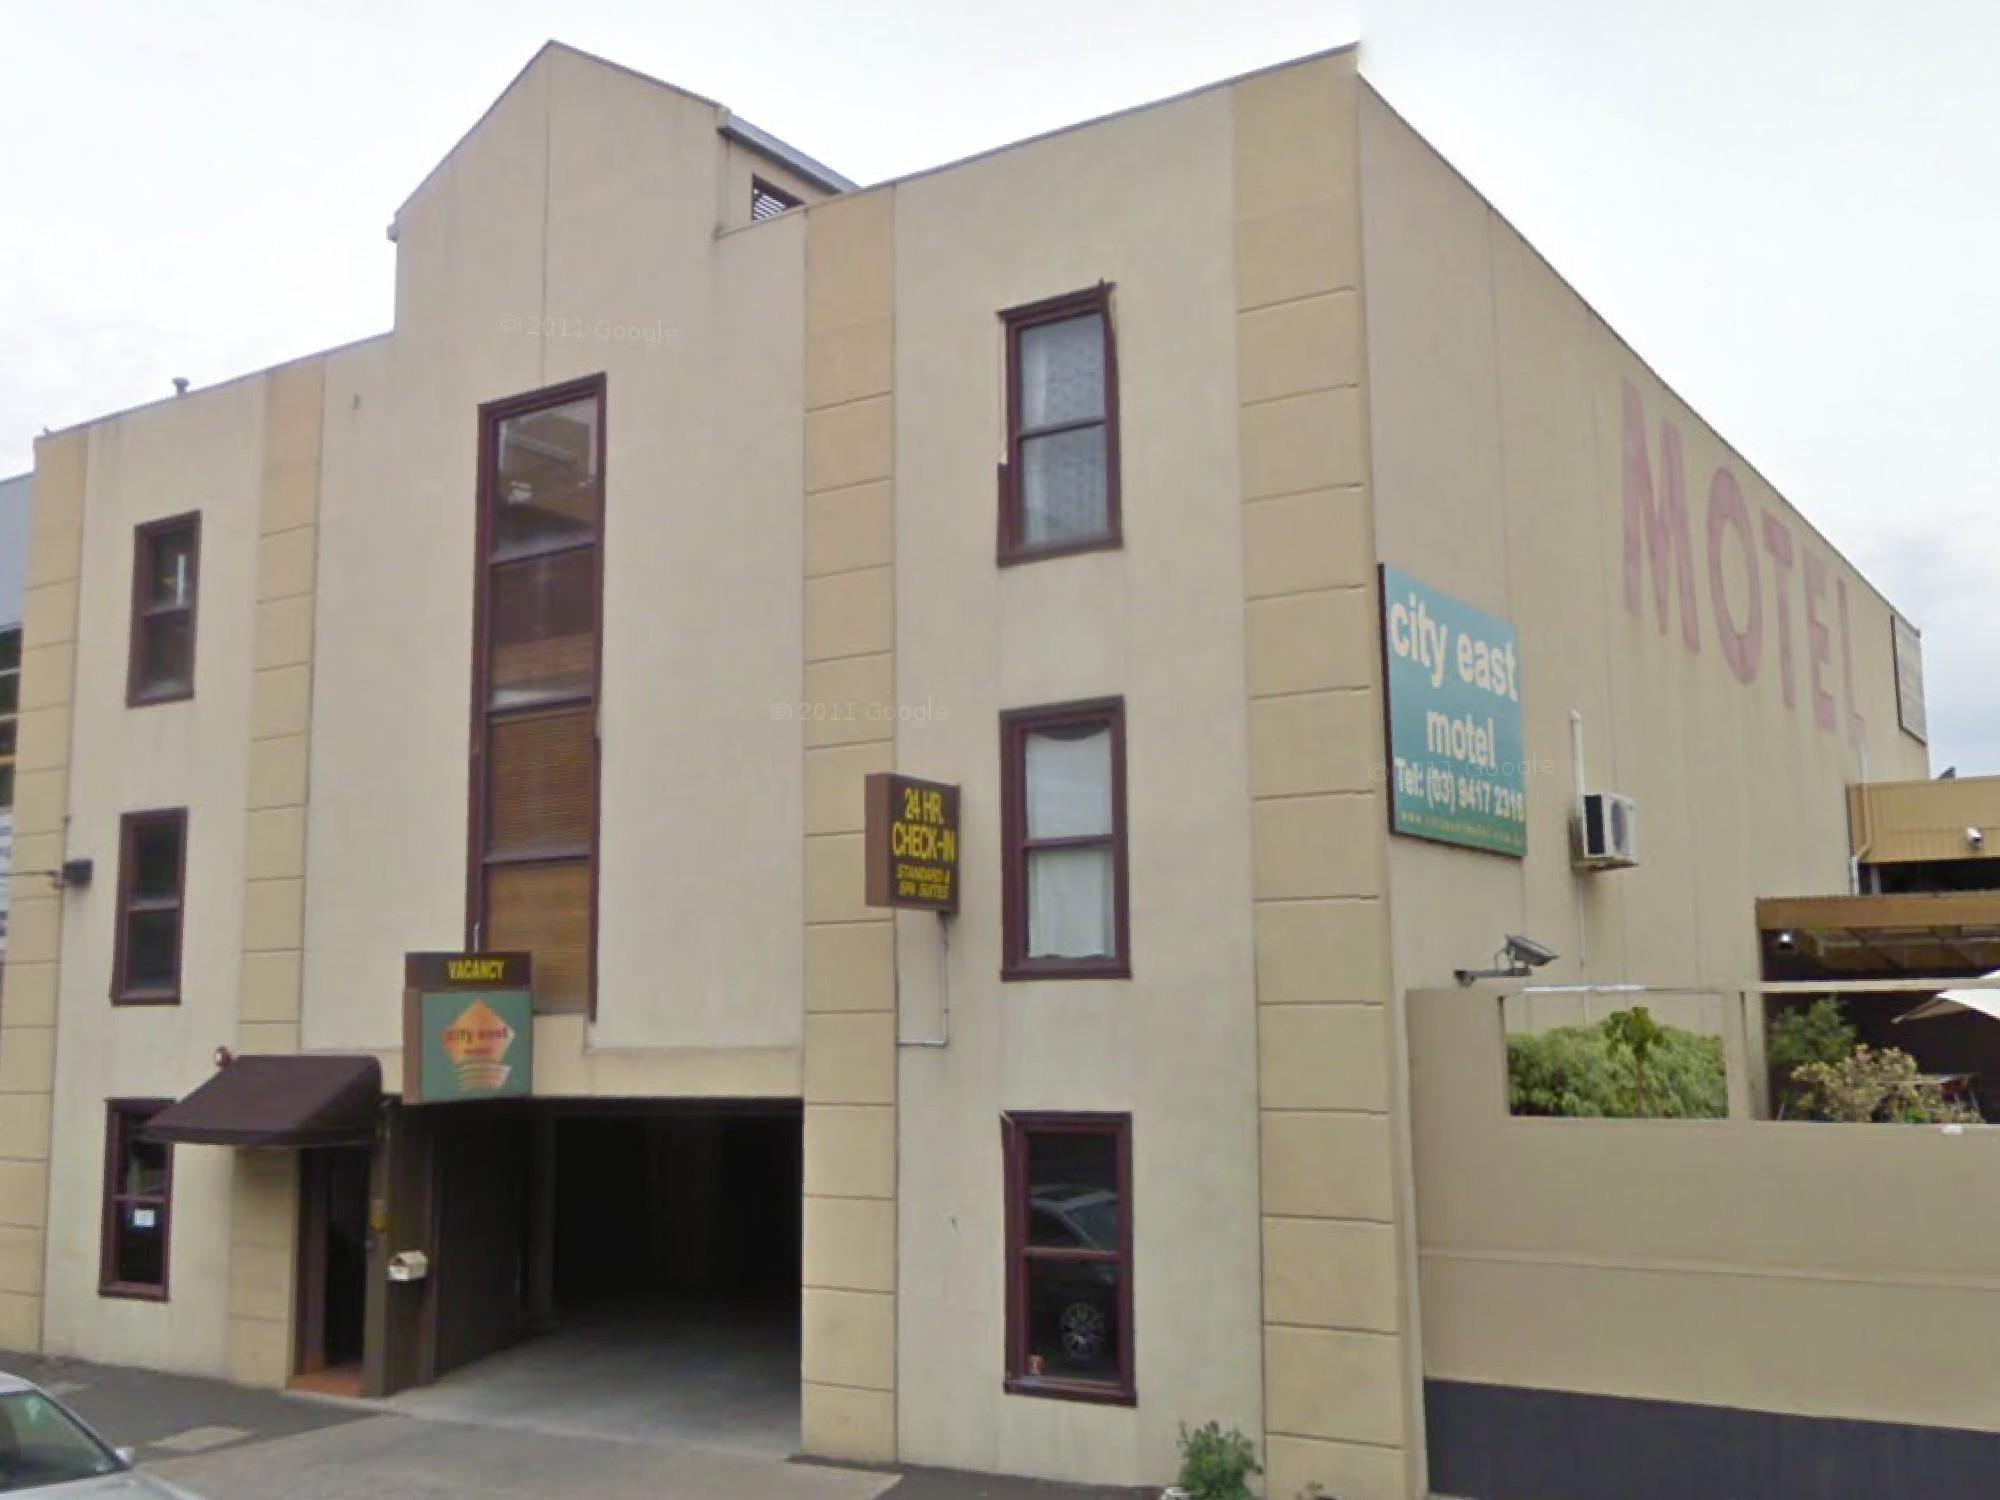 City East Motel - Hotell och Boende i Australien , Melbourne